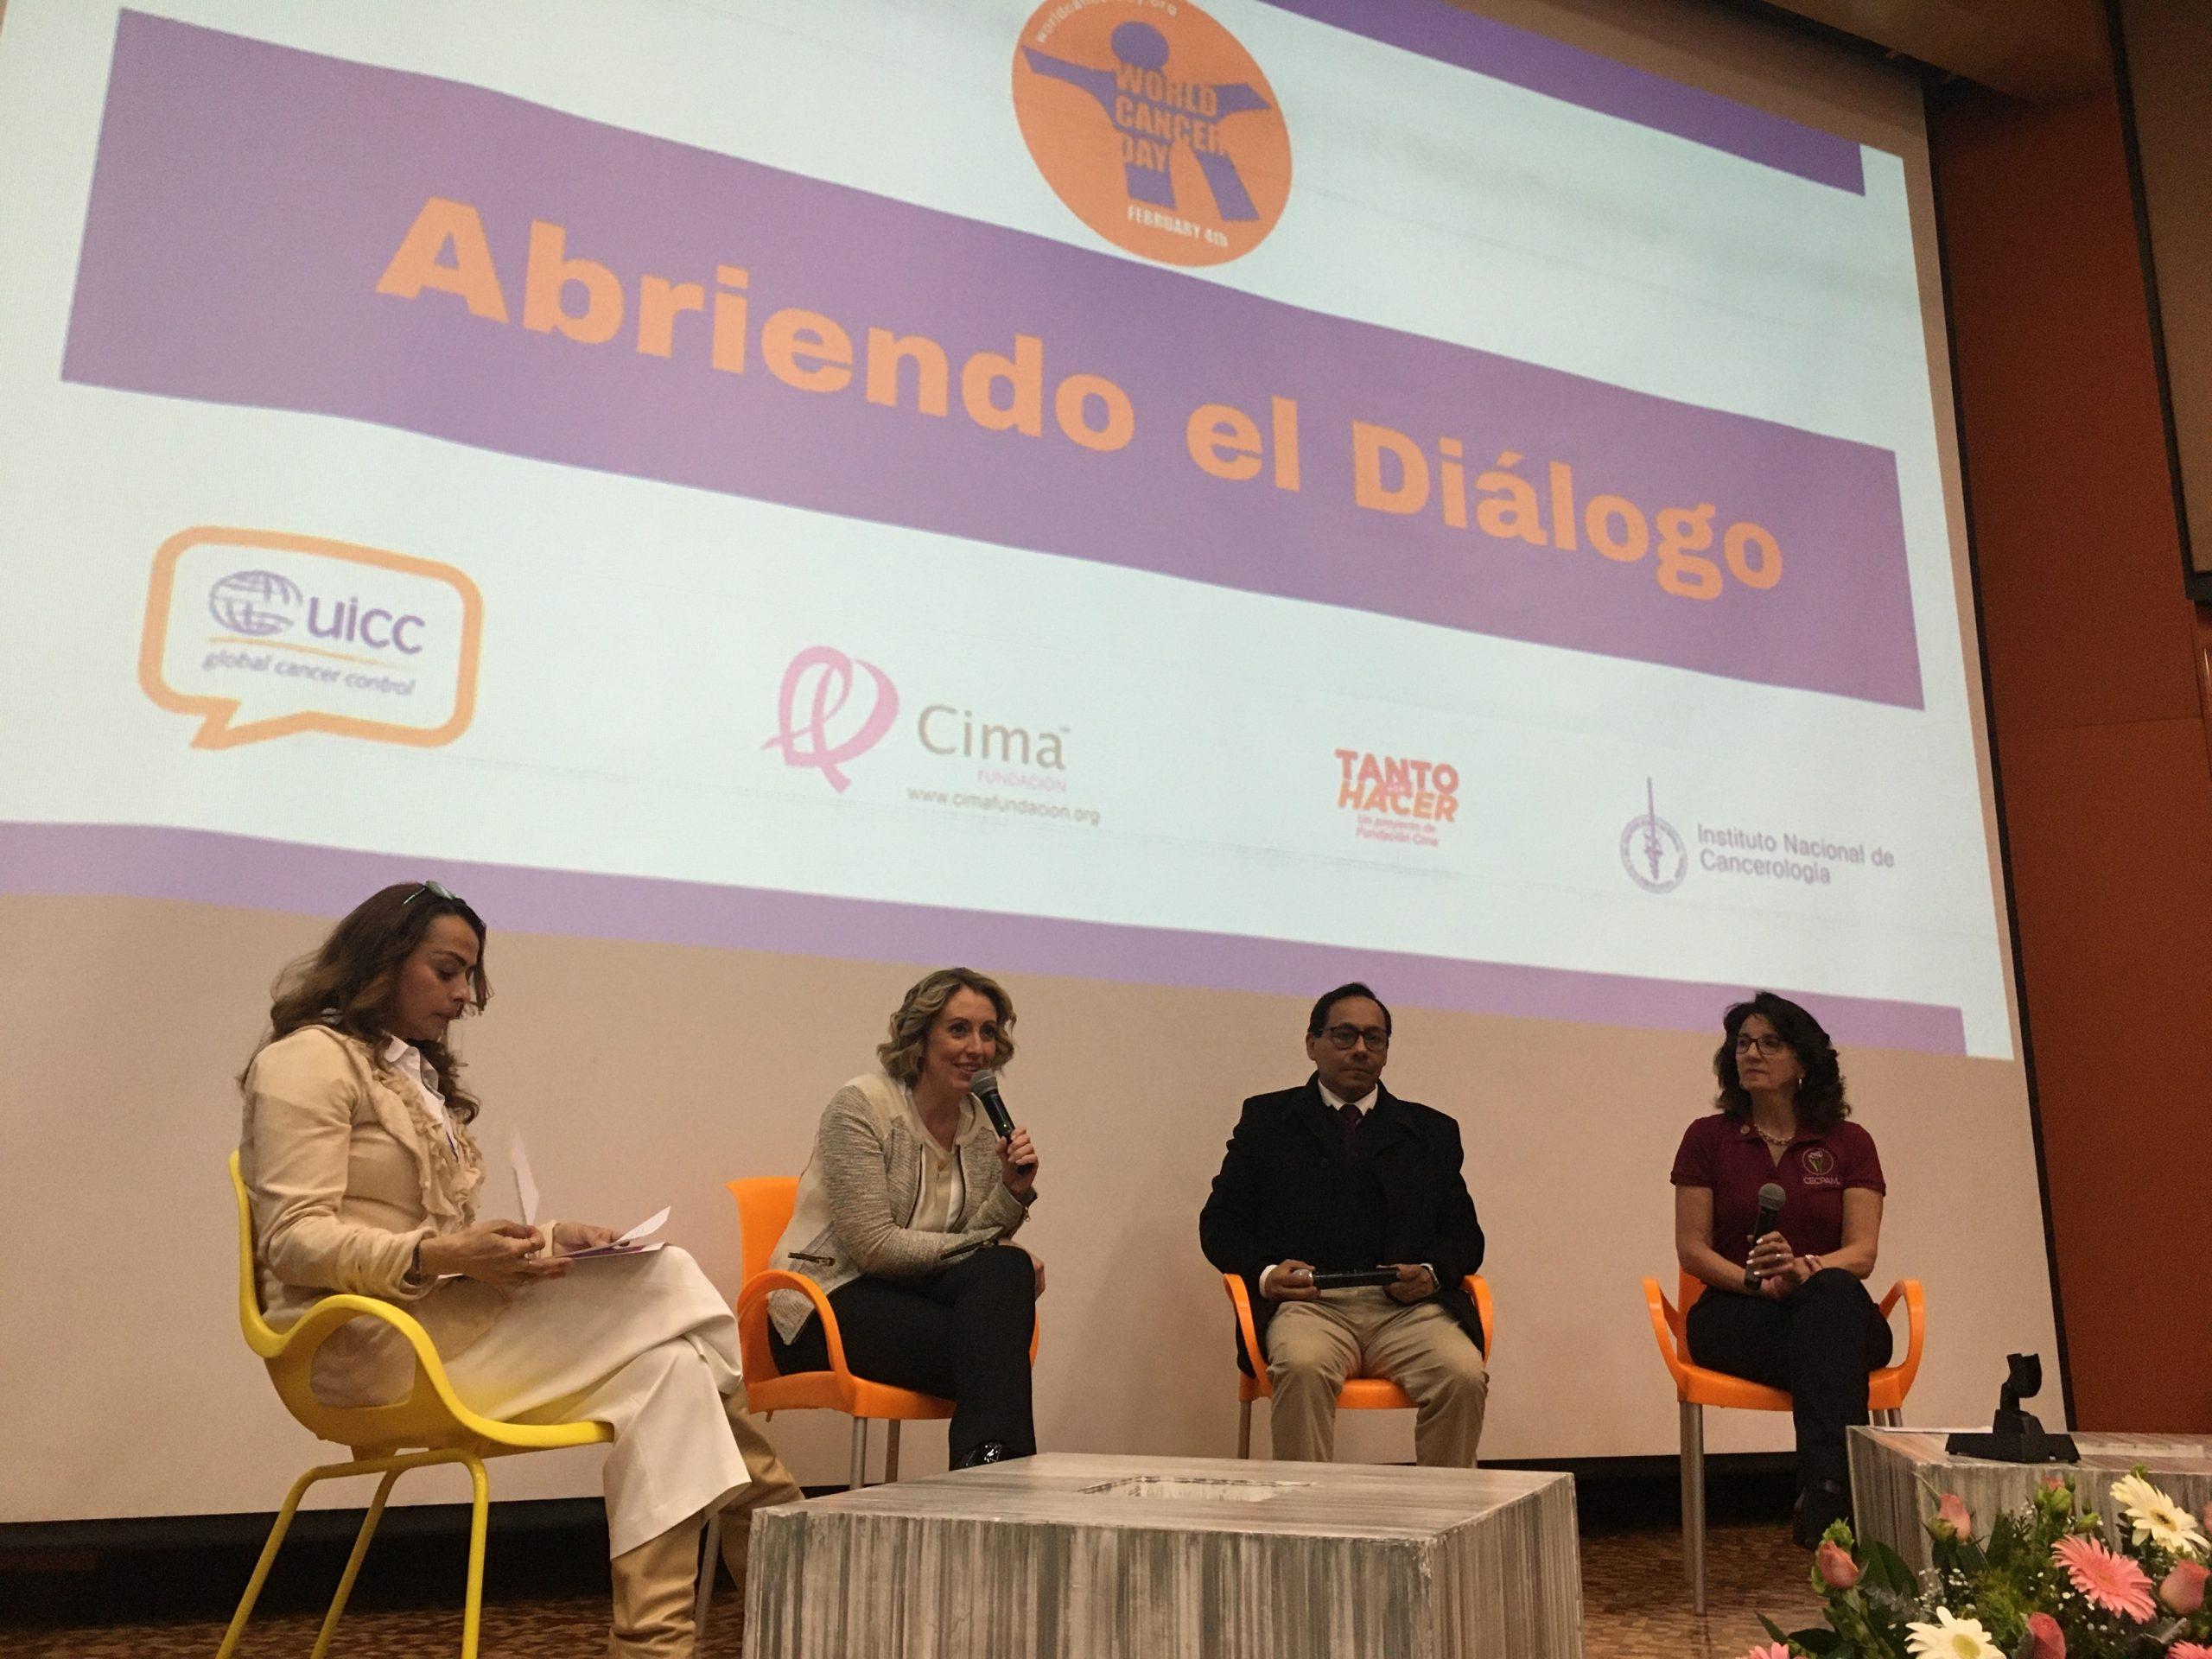 Cima se une a la Conmemoración del Día Mundial del Cáncer de la UICC